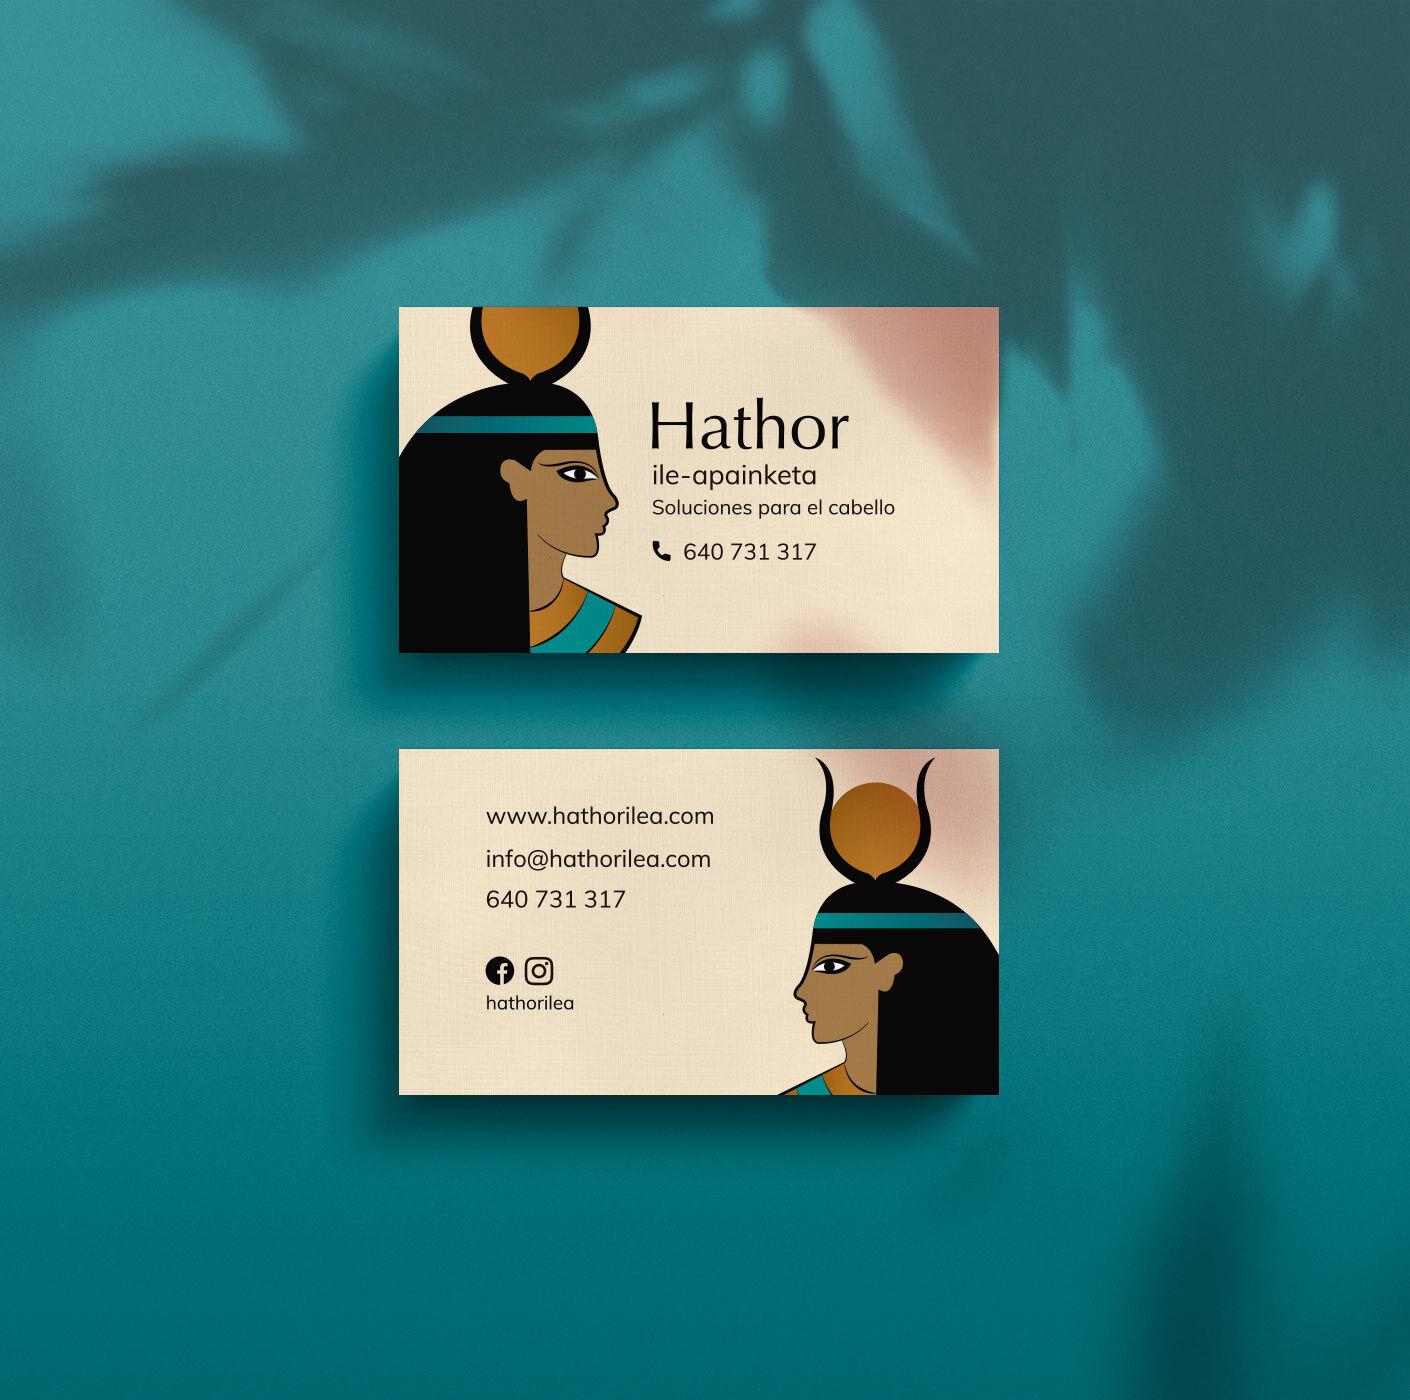 Diseño de tarjetas de visita de Hathor ile-apainketa